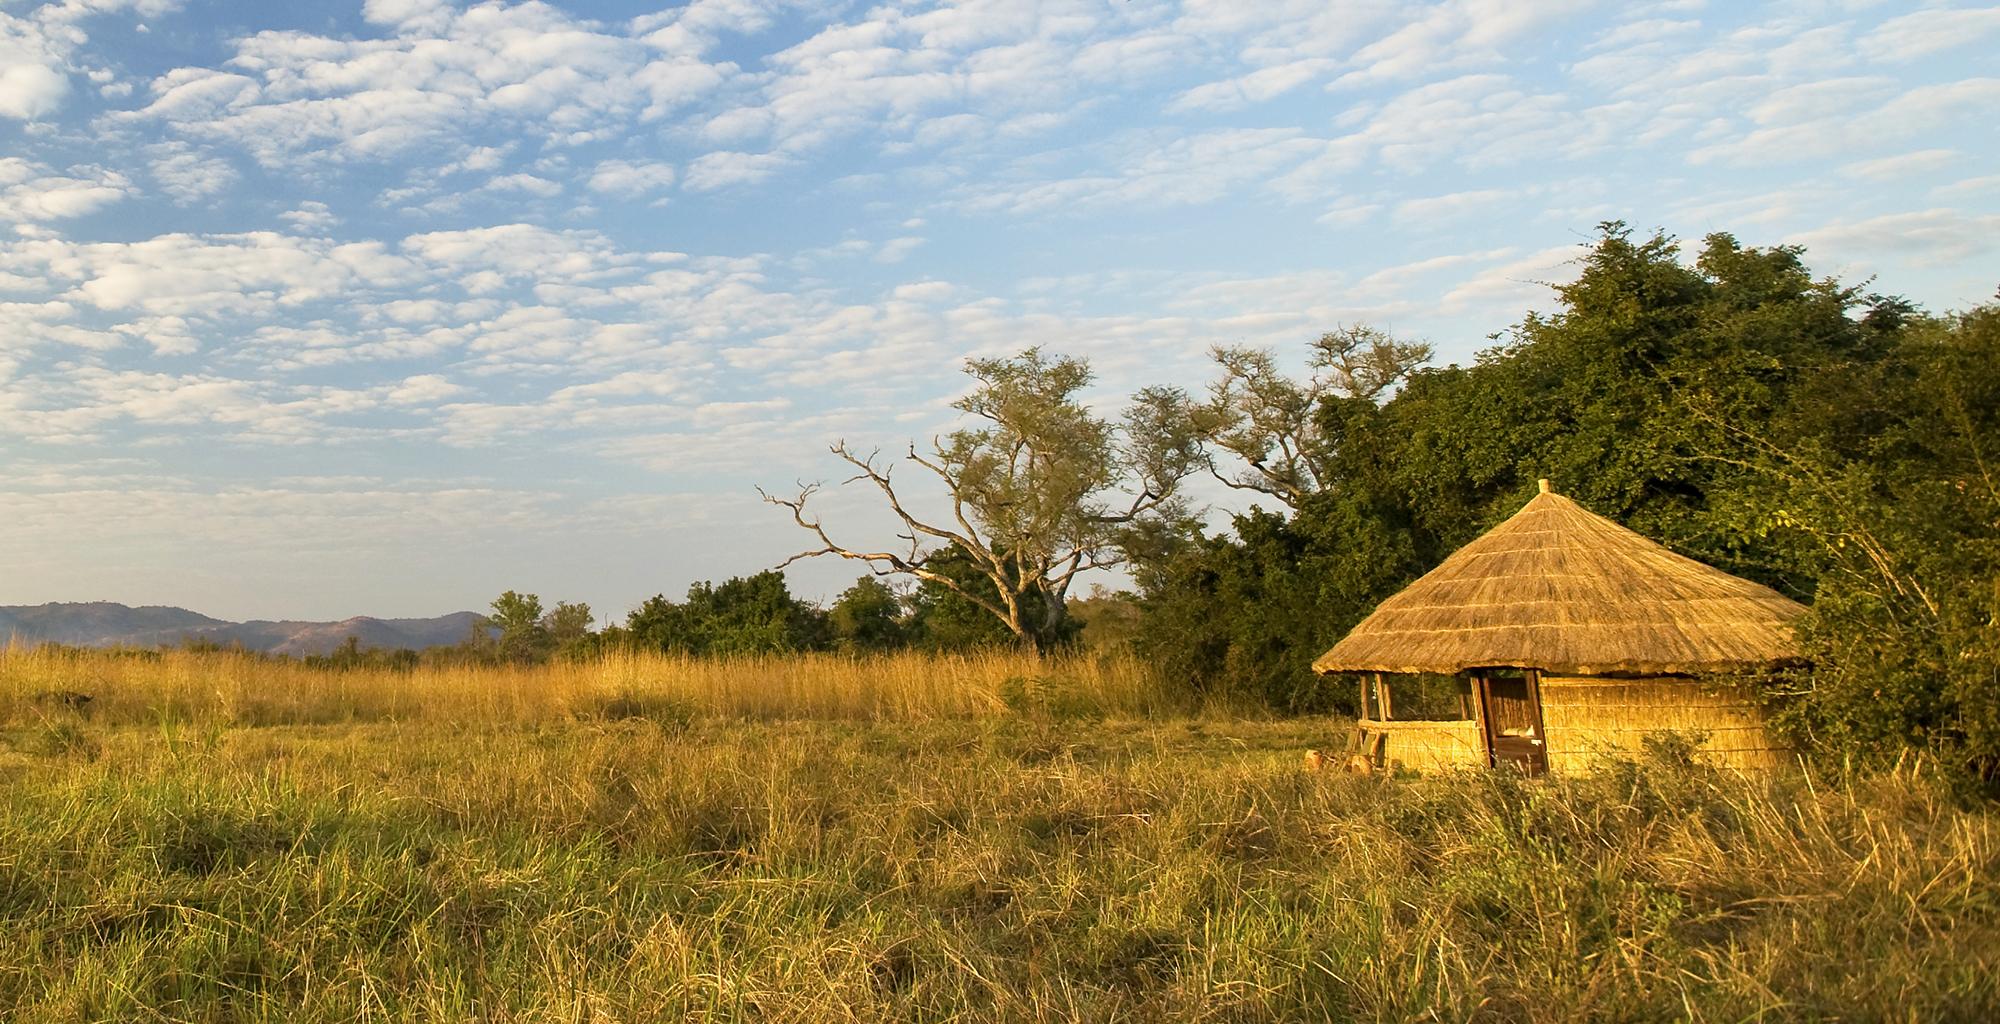 Zambia-Kuyenda-Exterior